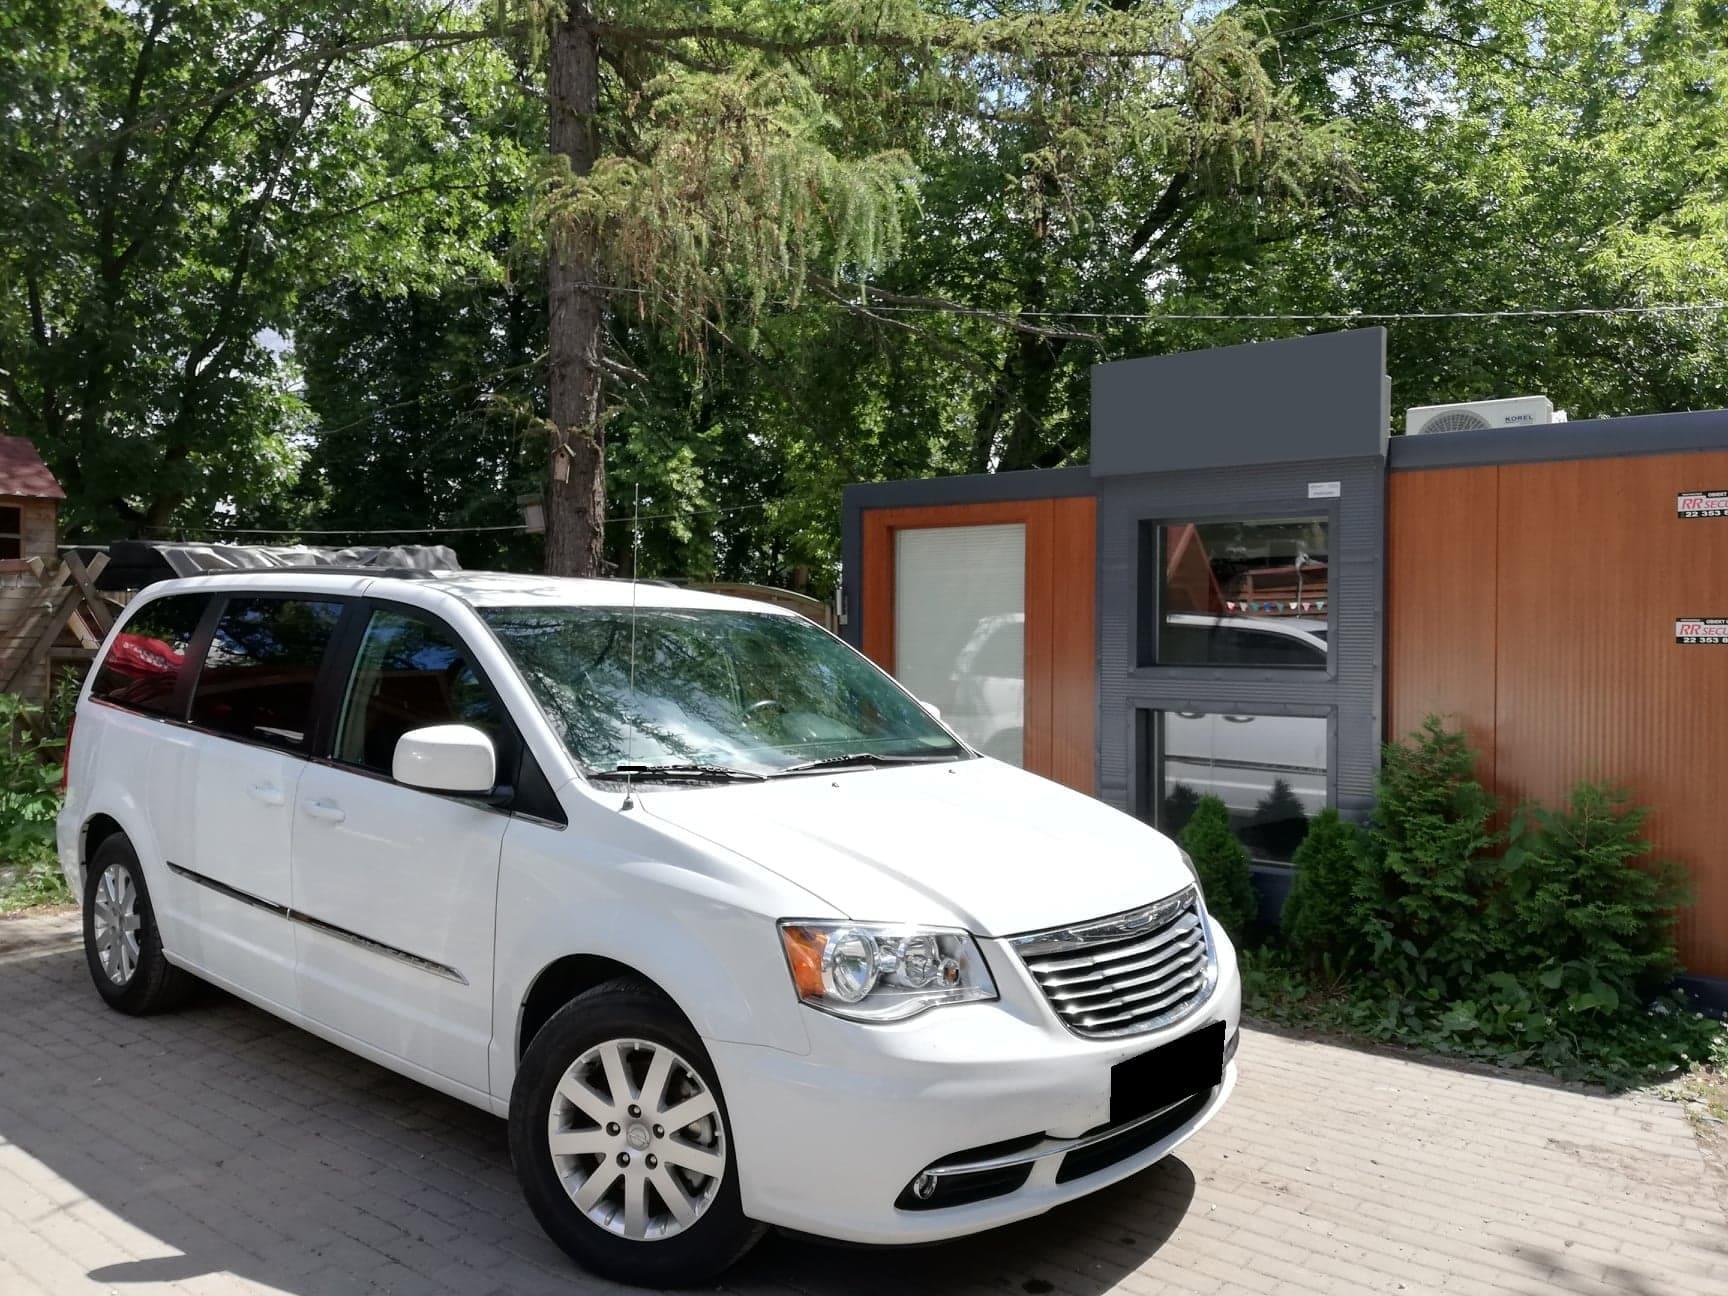 Chrysler Voyager wynajem samochodów warszawa